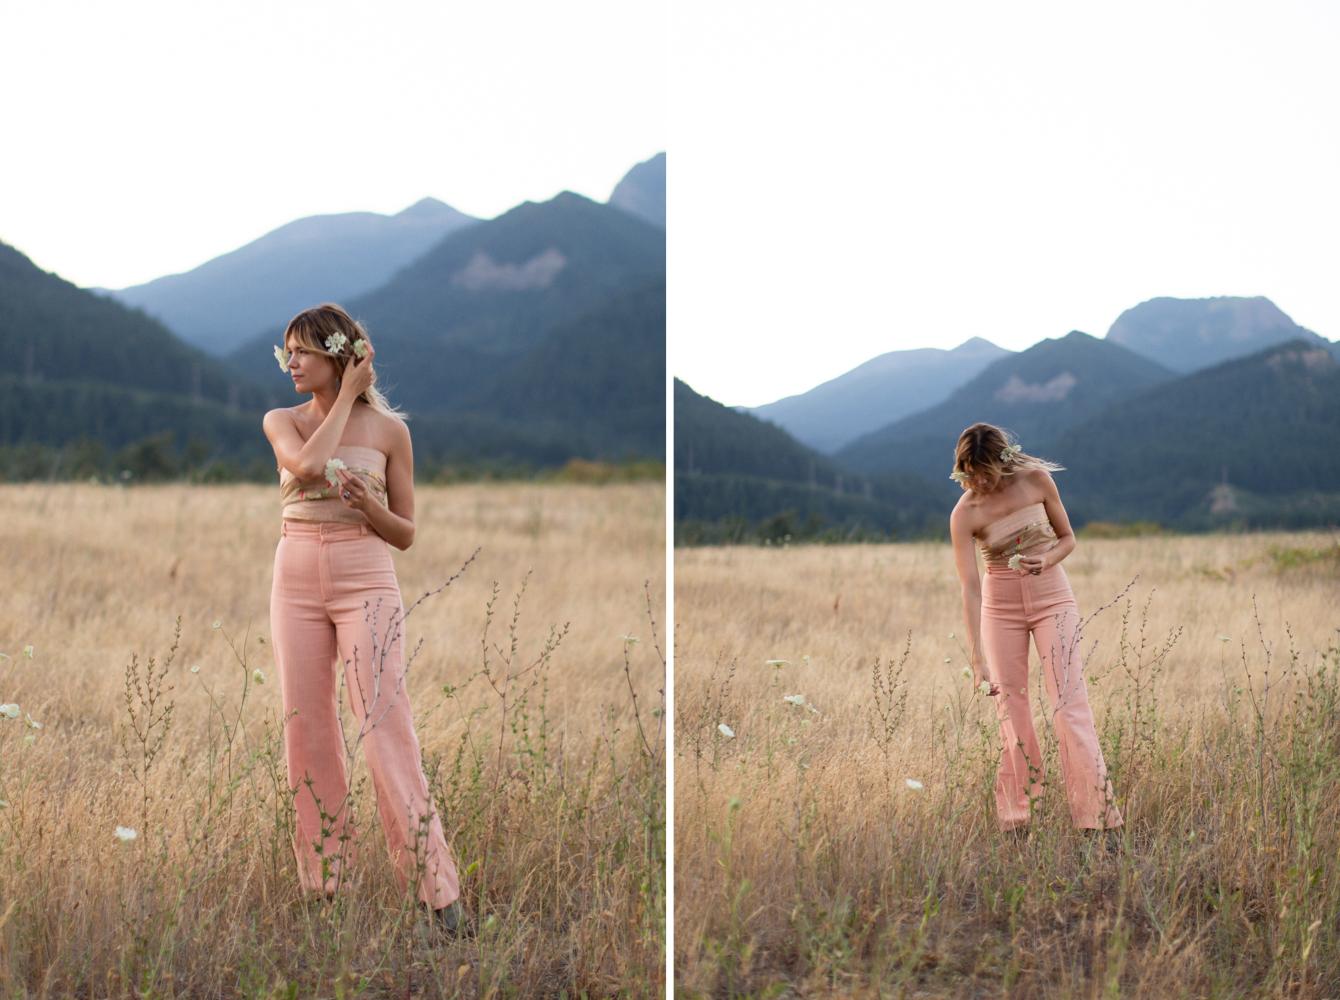 Sacred_Self_Love_Session_OliviaAshtonPhotography-1-111.jpg